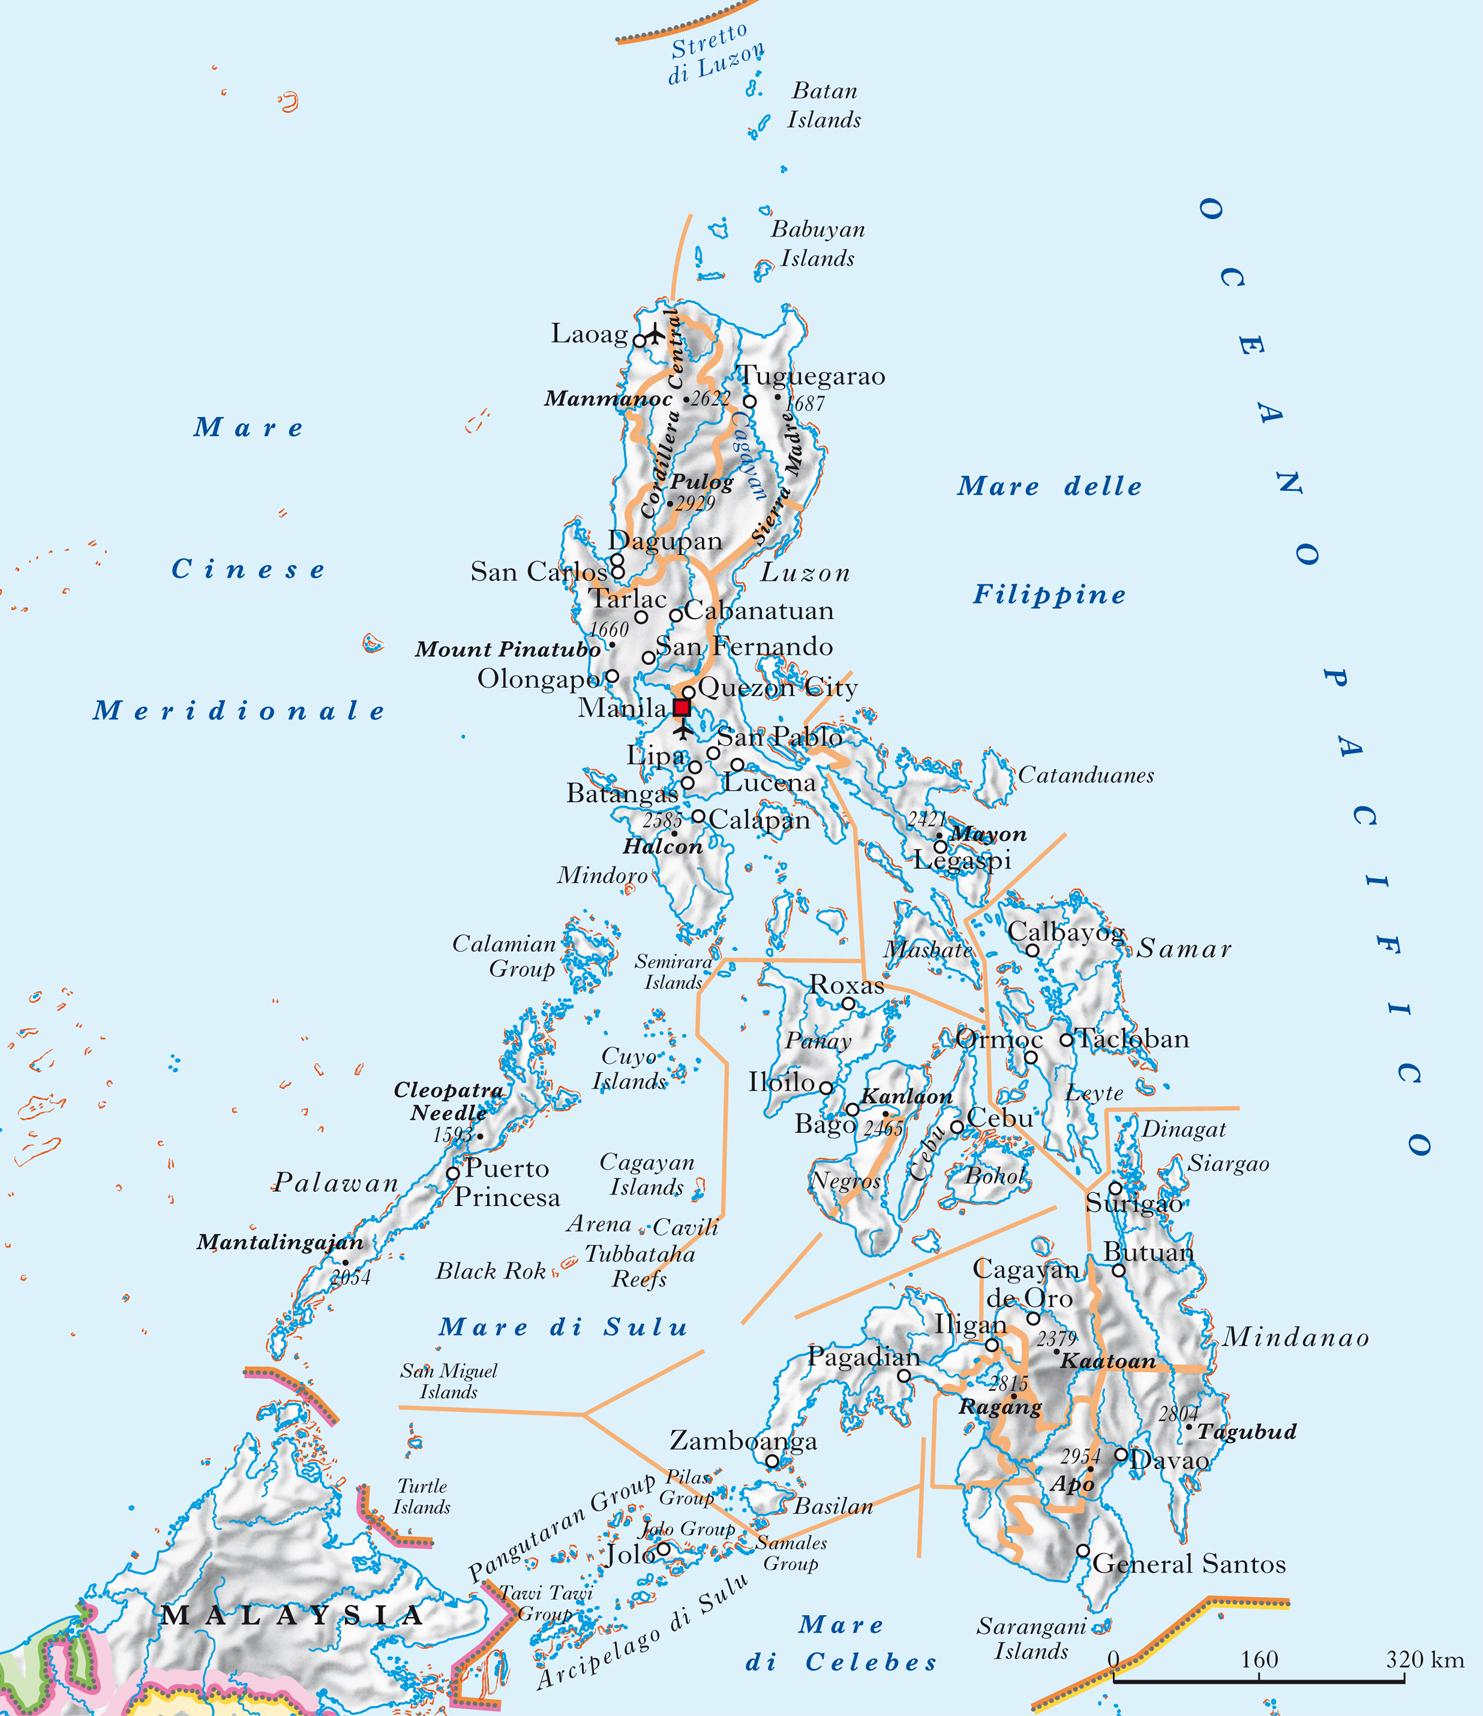 Cartina Geografica Isole Filippine.Filippine In Atlante Geopolitico